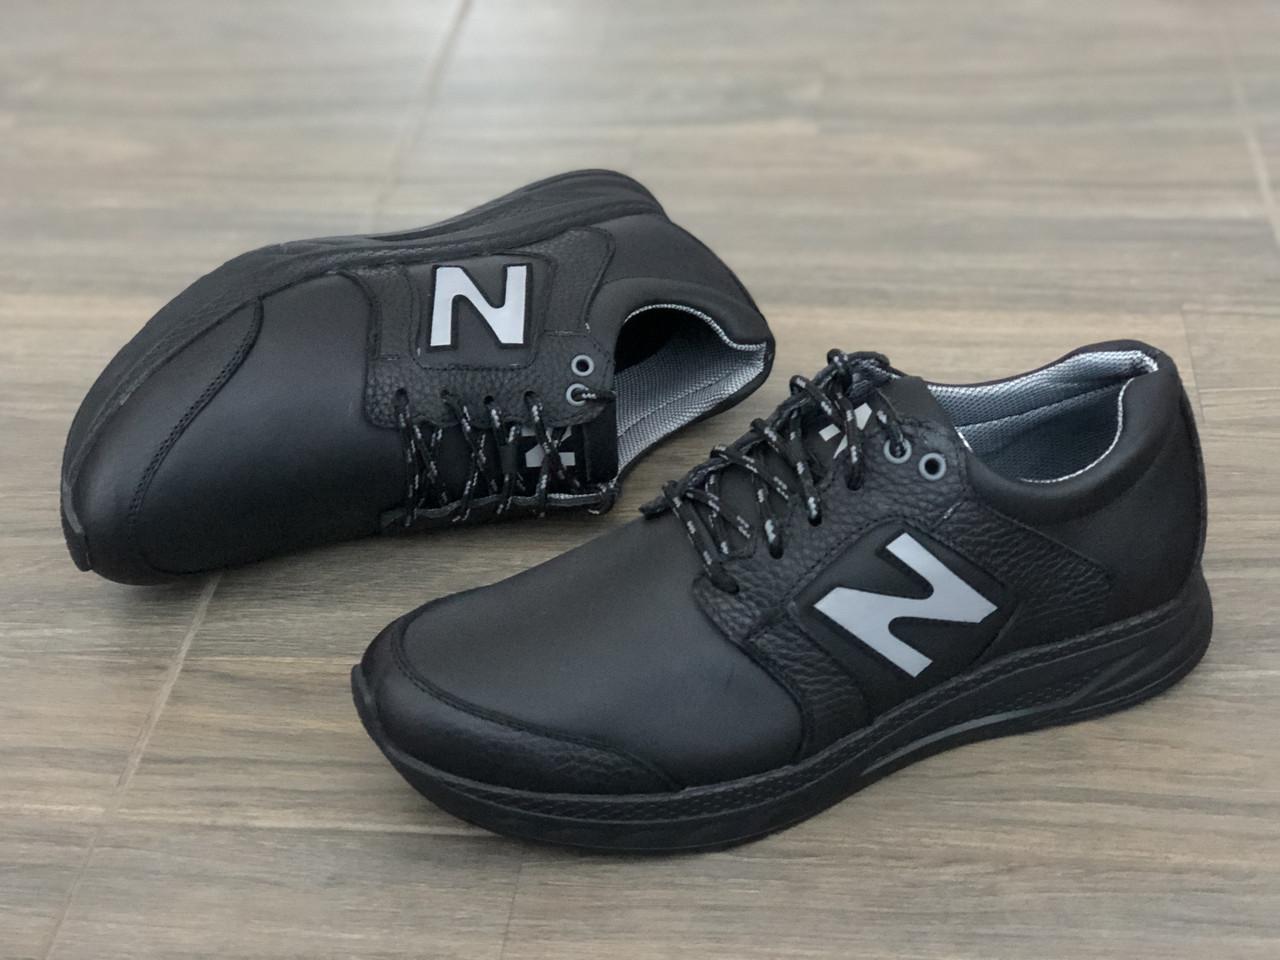 Кожаные мужские кроссовки EXTREM 1414ч/к размеры 40-45